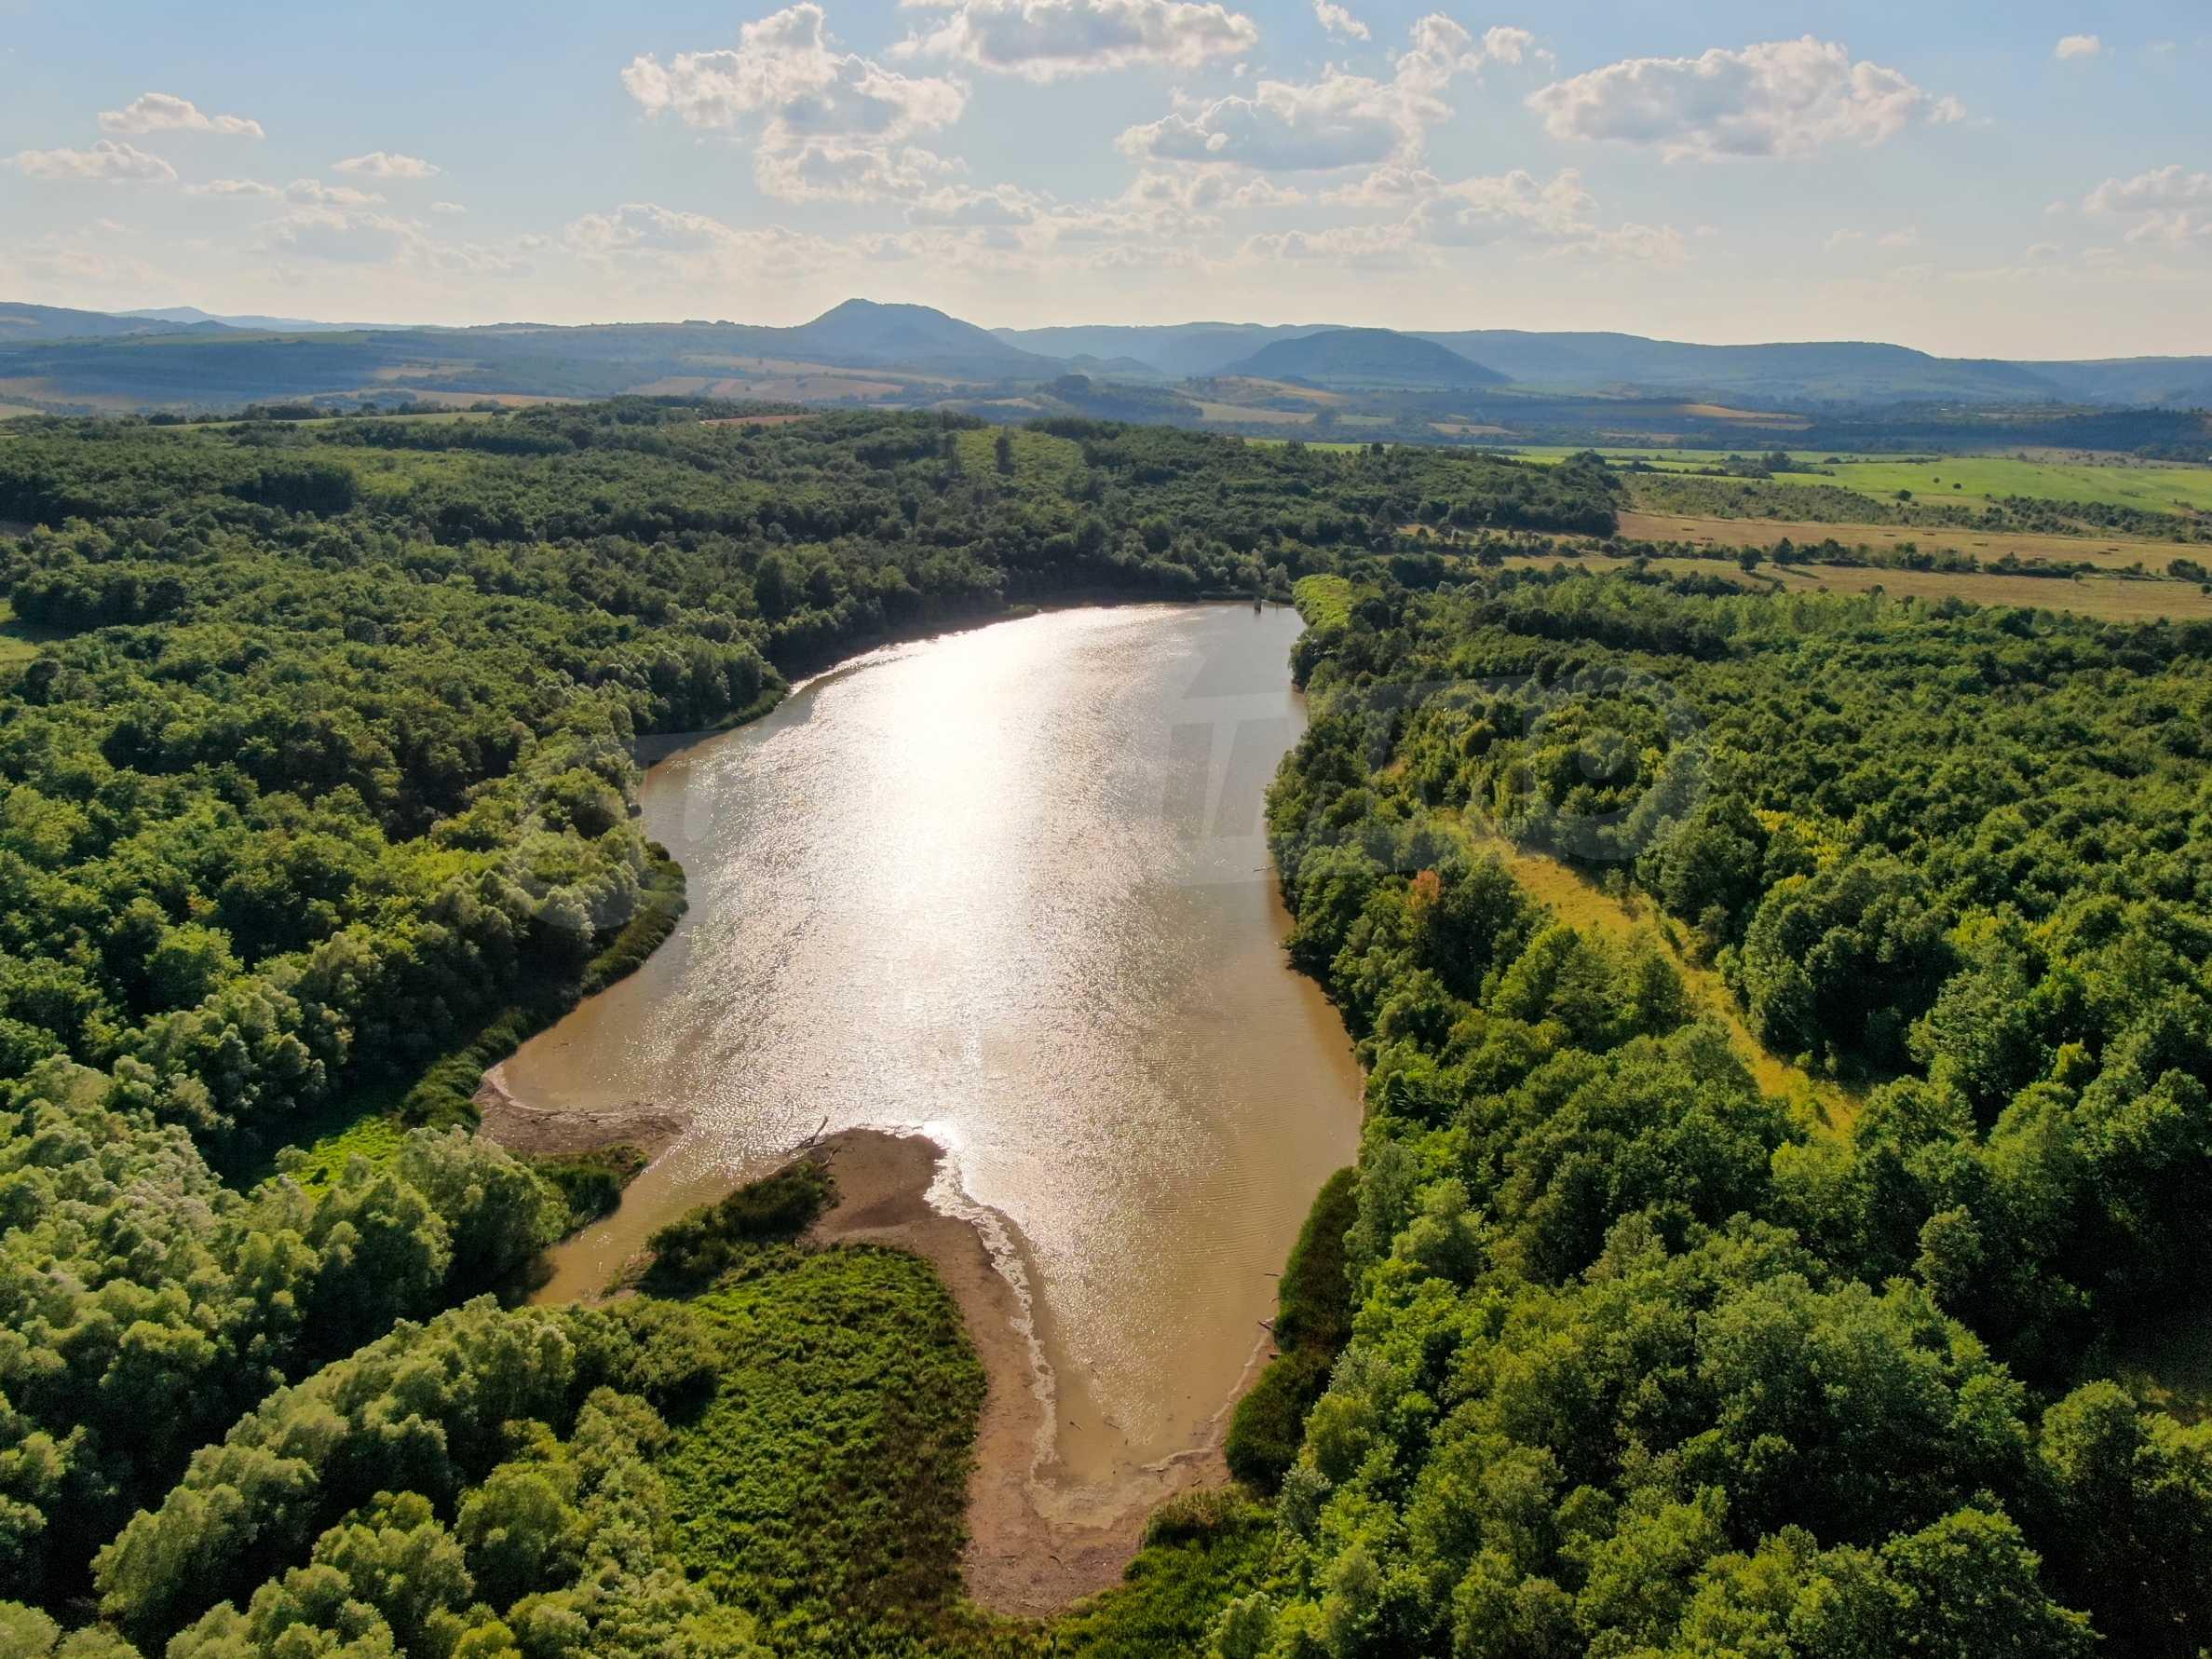 Damm mit angrenzendem Land 7 km von Veliko Tarnovo entfernt